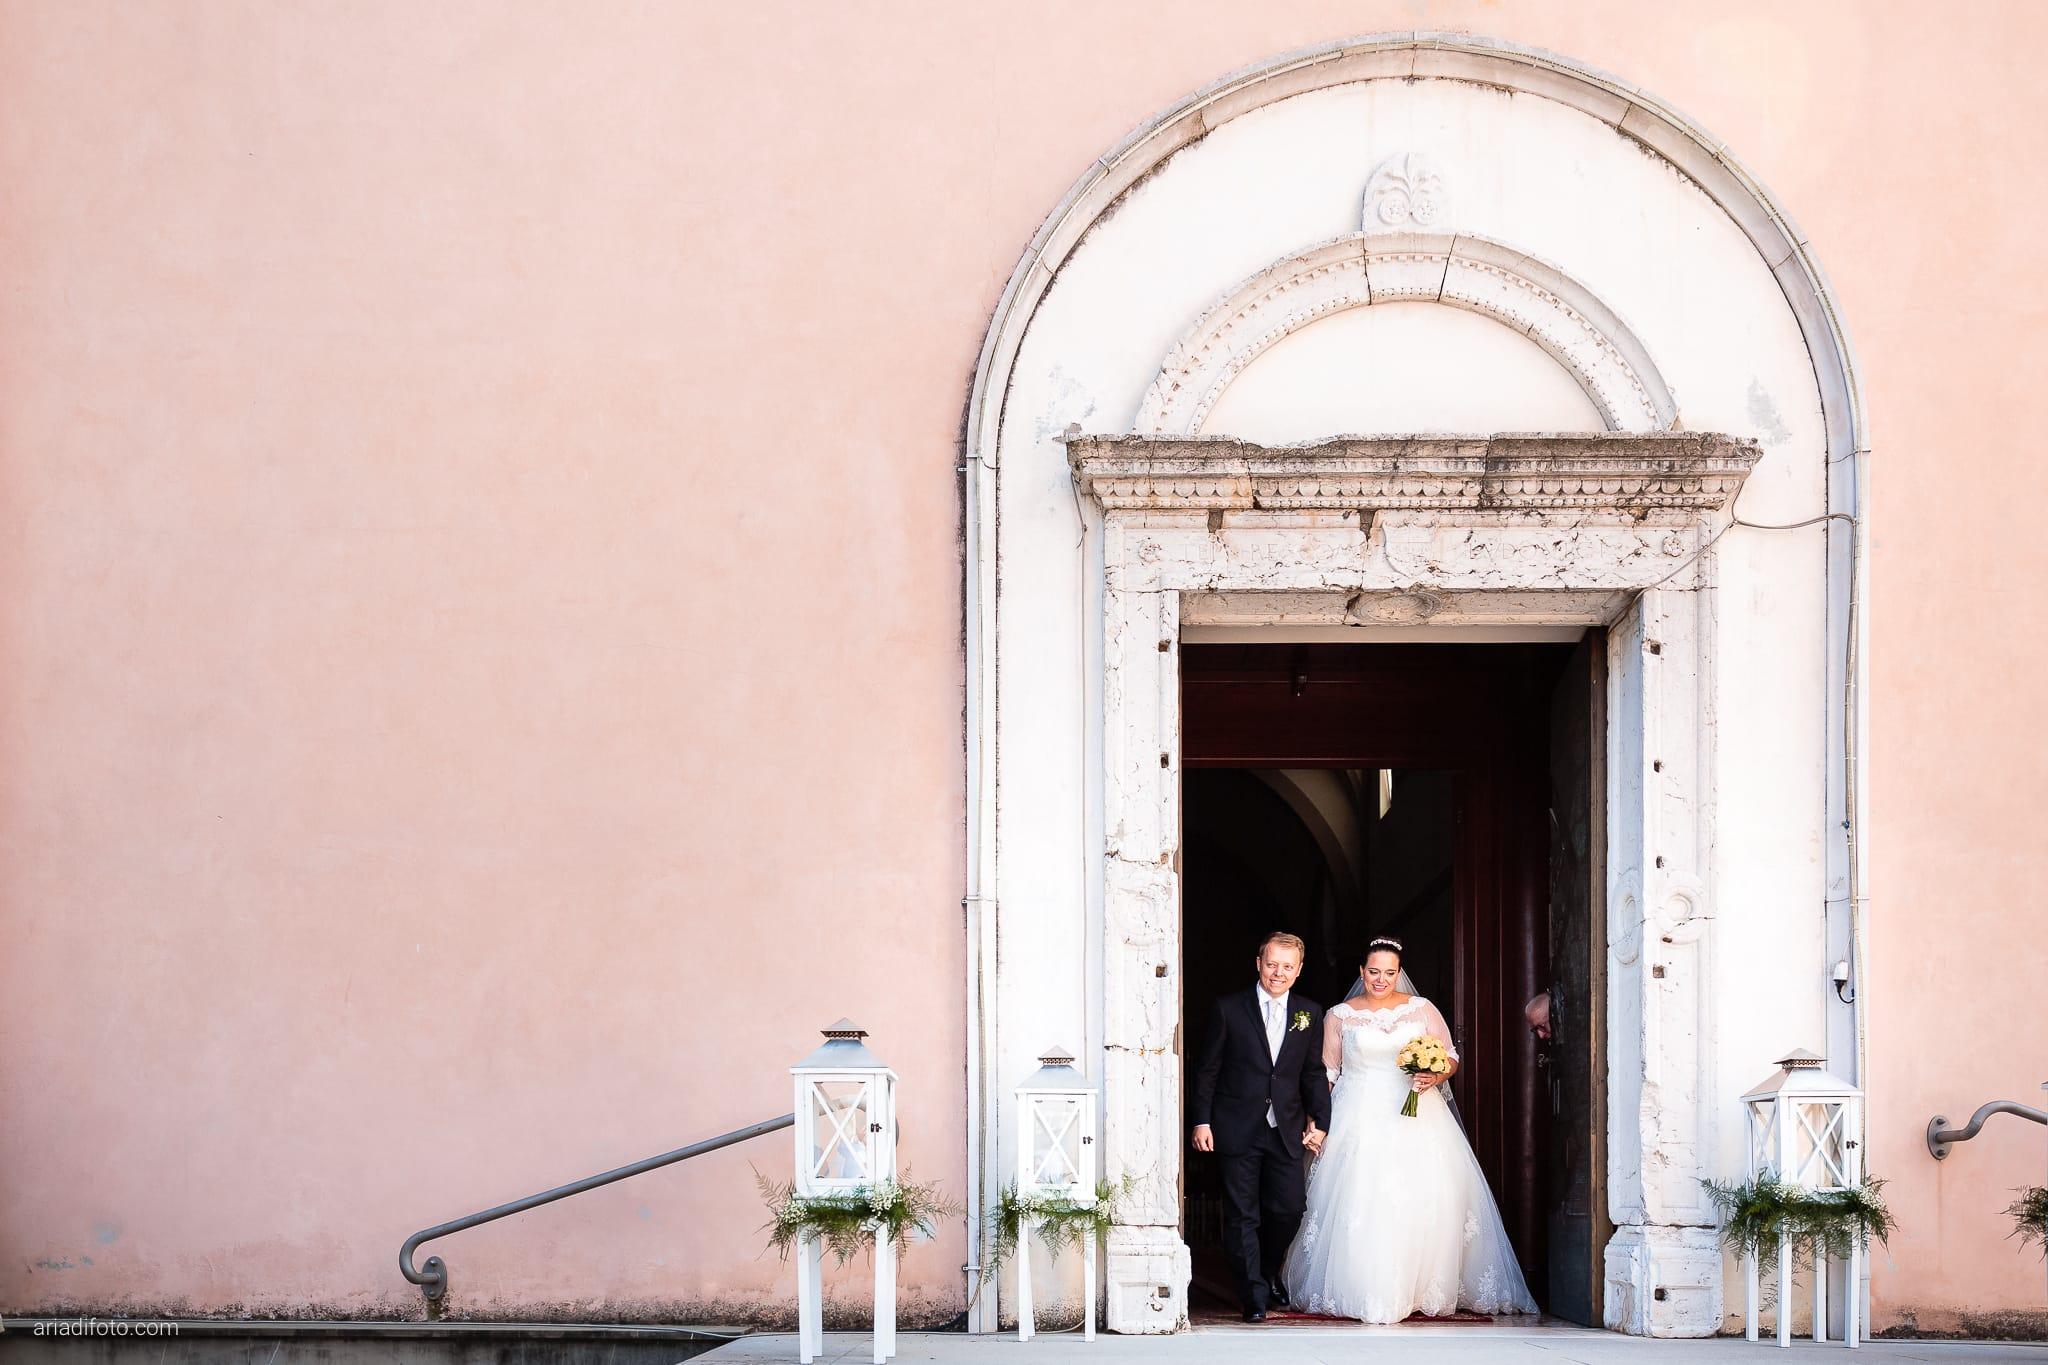 Eleonora Andrea Matrimonio Chiesa San Tiziano Vescovo Francenigo di Gaiarine Castello Papadopoli Giol San Polo Piave Treviso lancio del riso